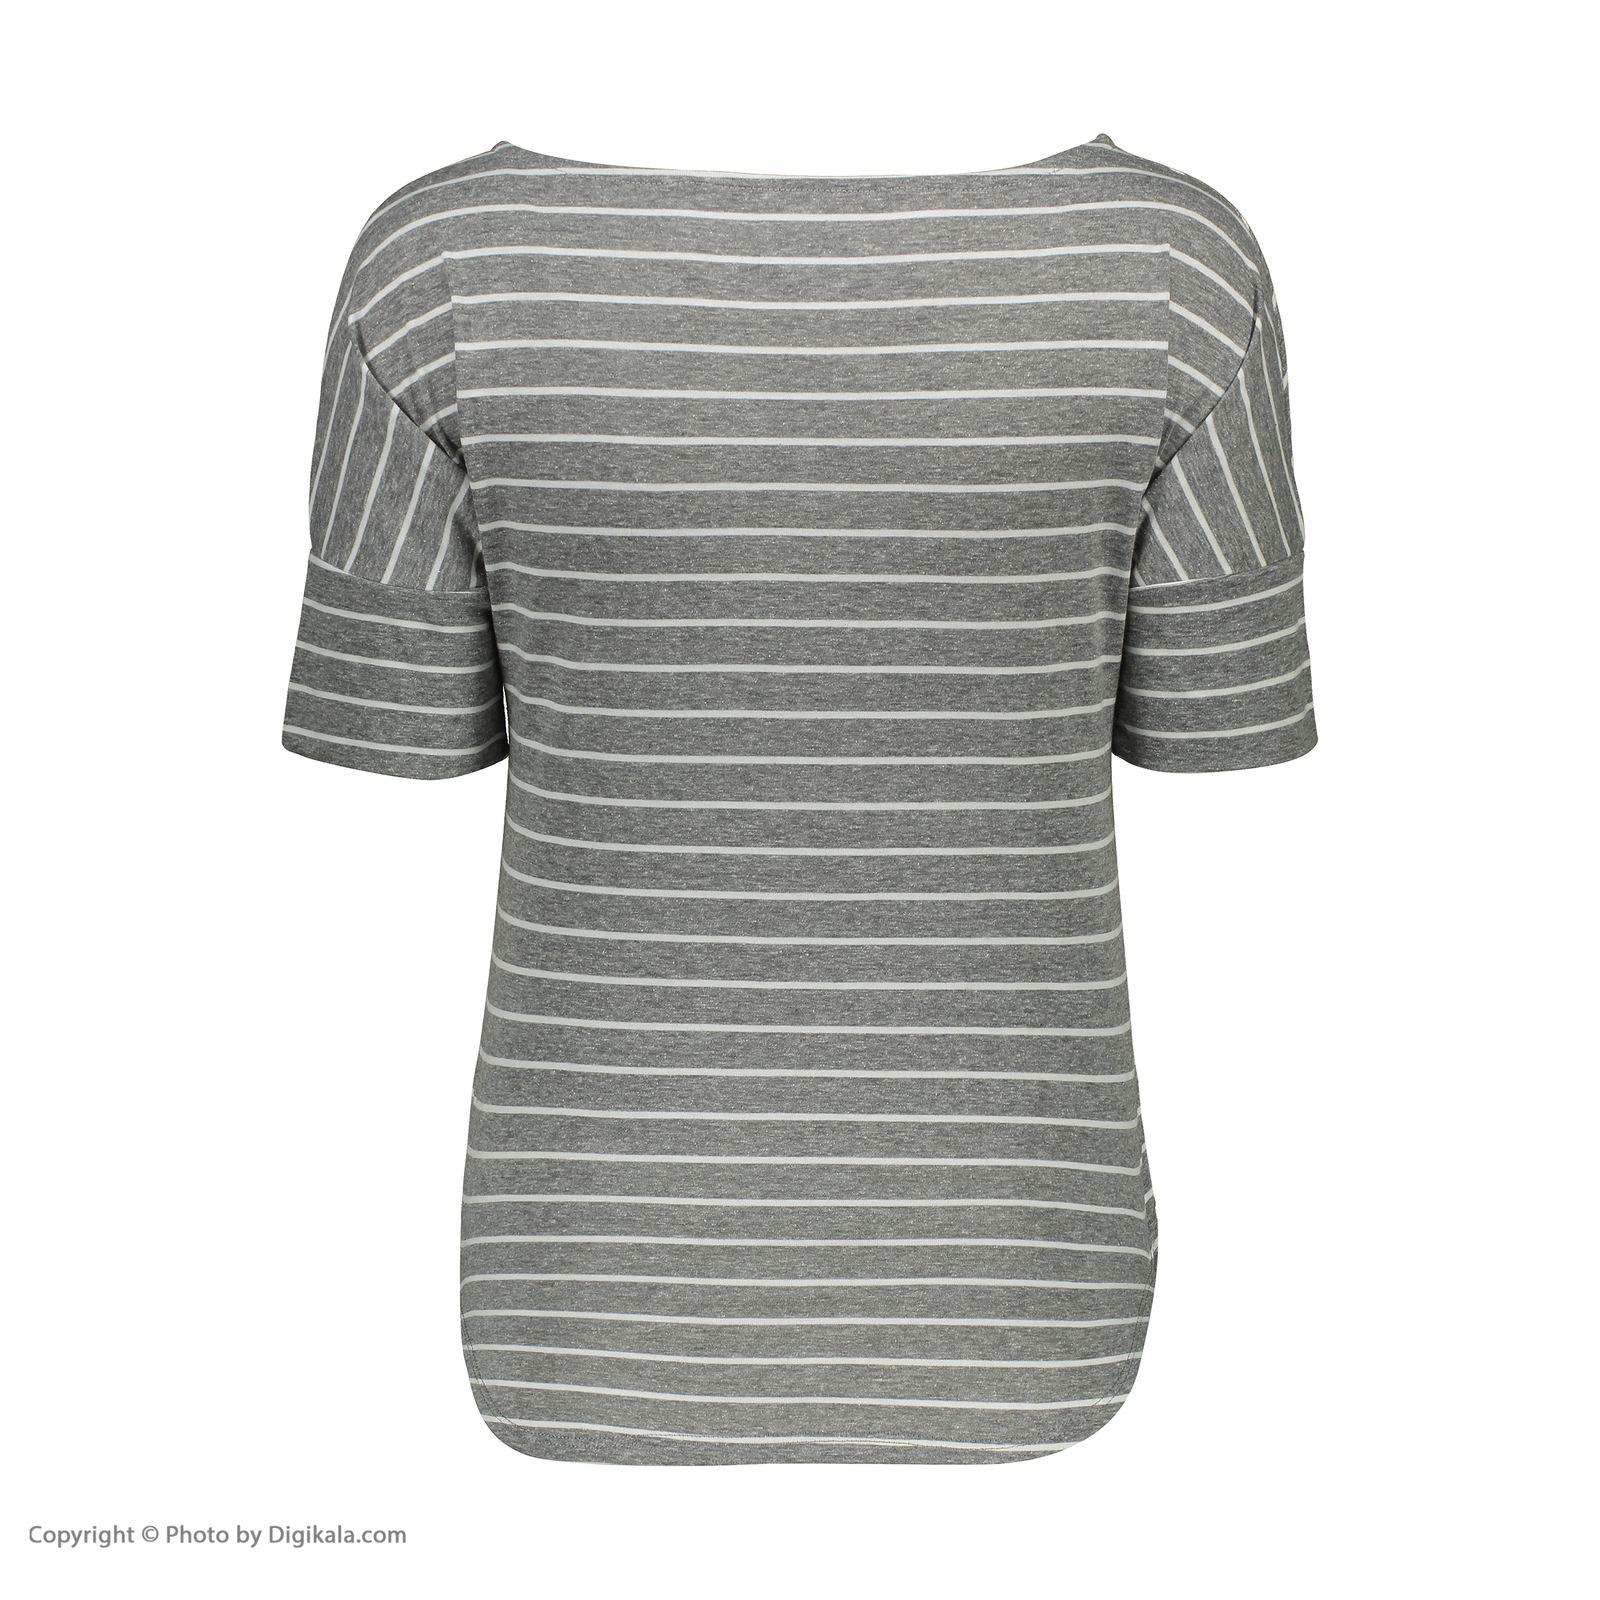 تی شرت زنانه گارودی مدل 1110315368-05 -  - 4